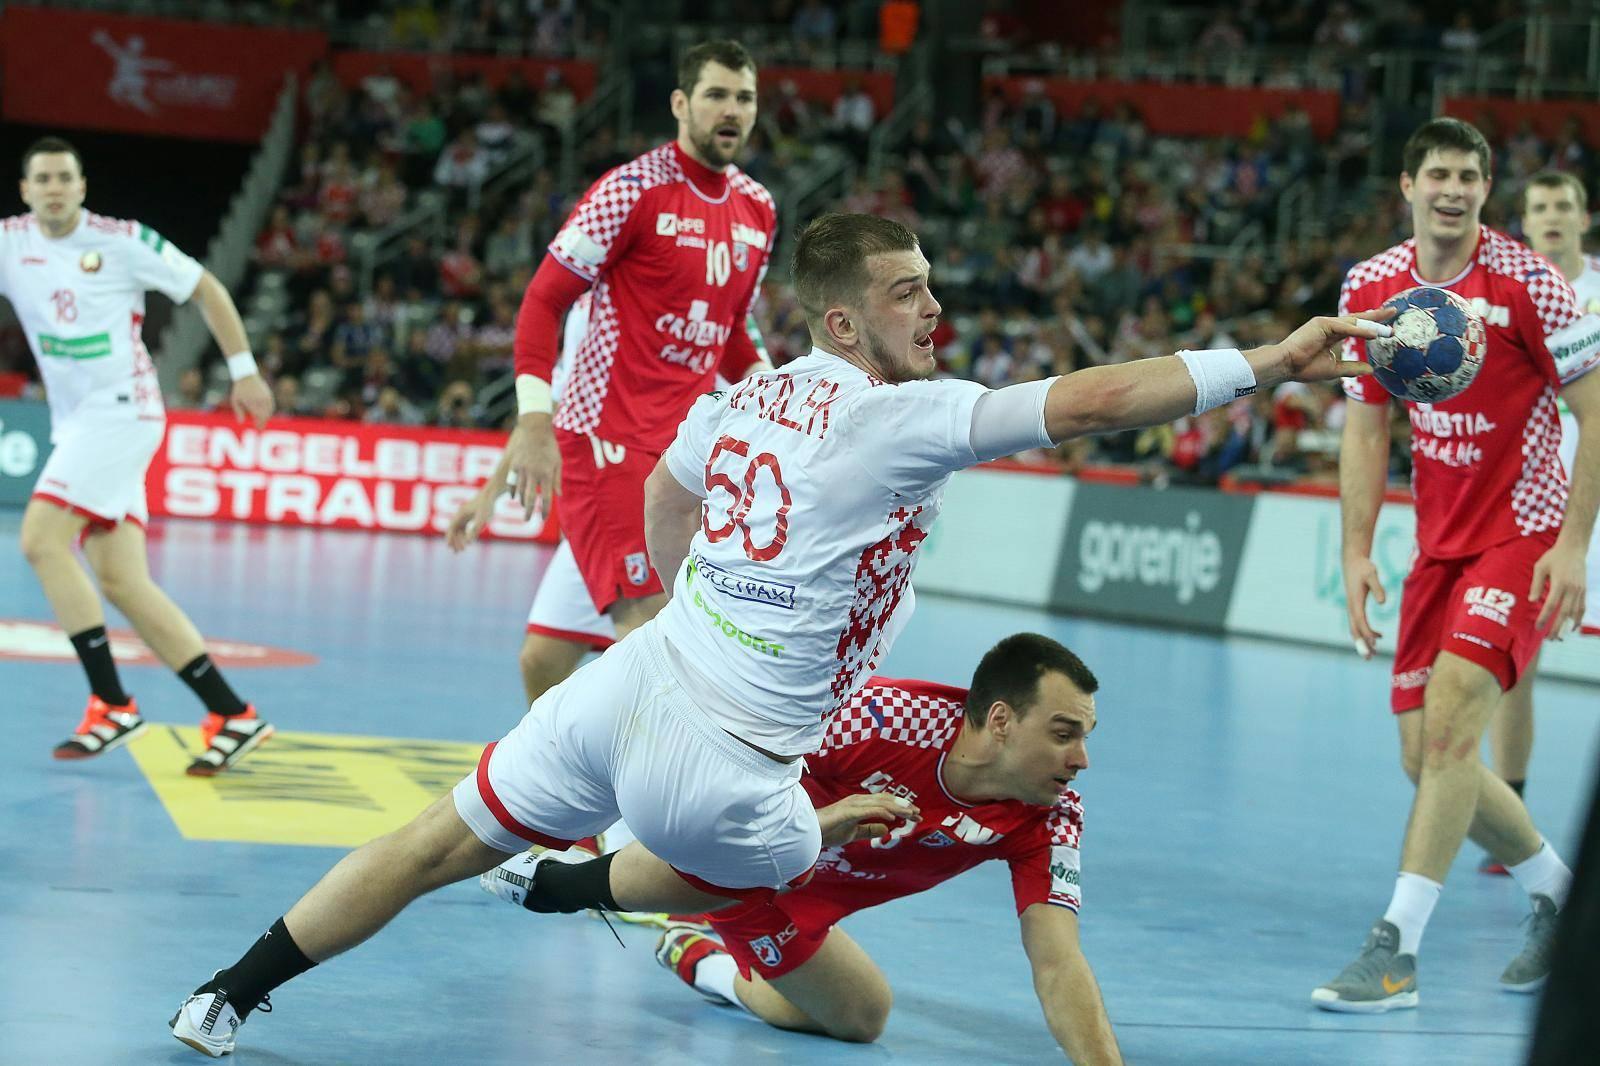 Evo gdje gledati meč Hrvatske i Bjelorusije na Euru u Grazu...